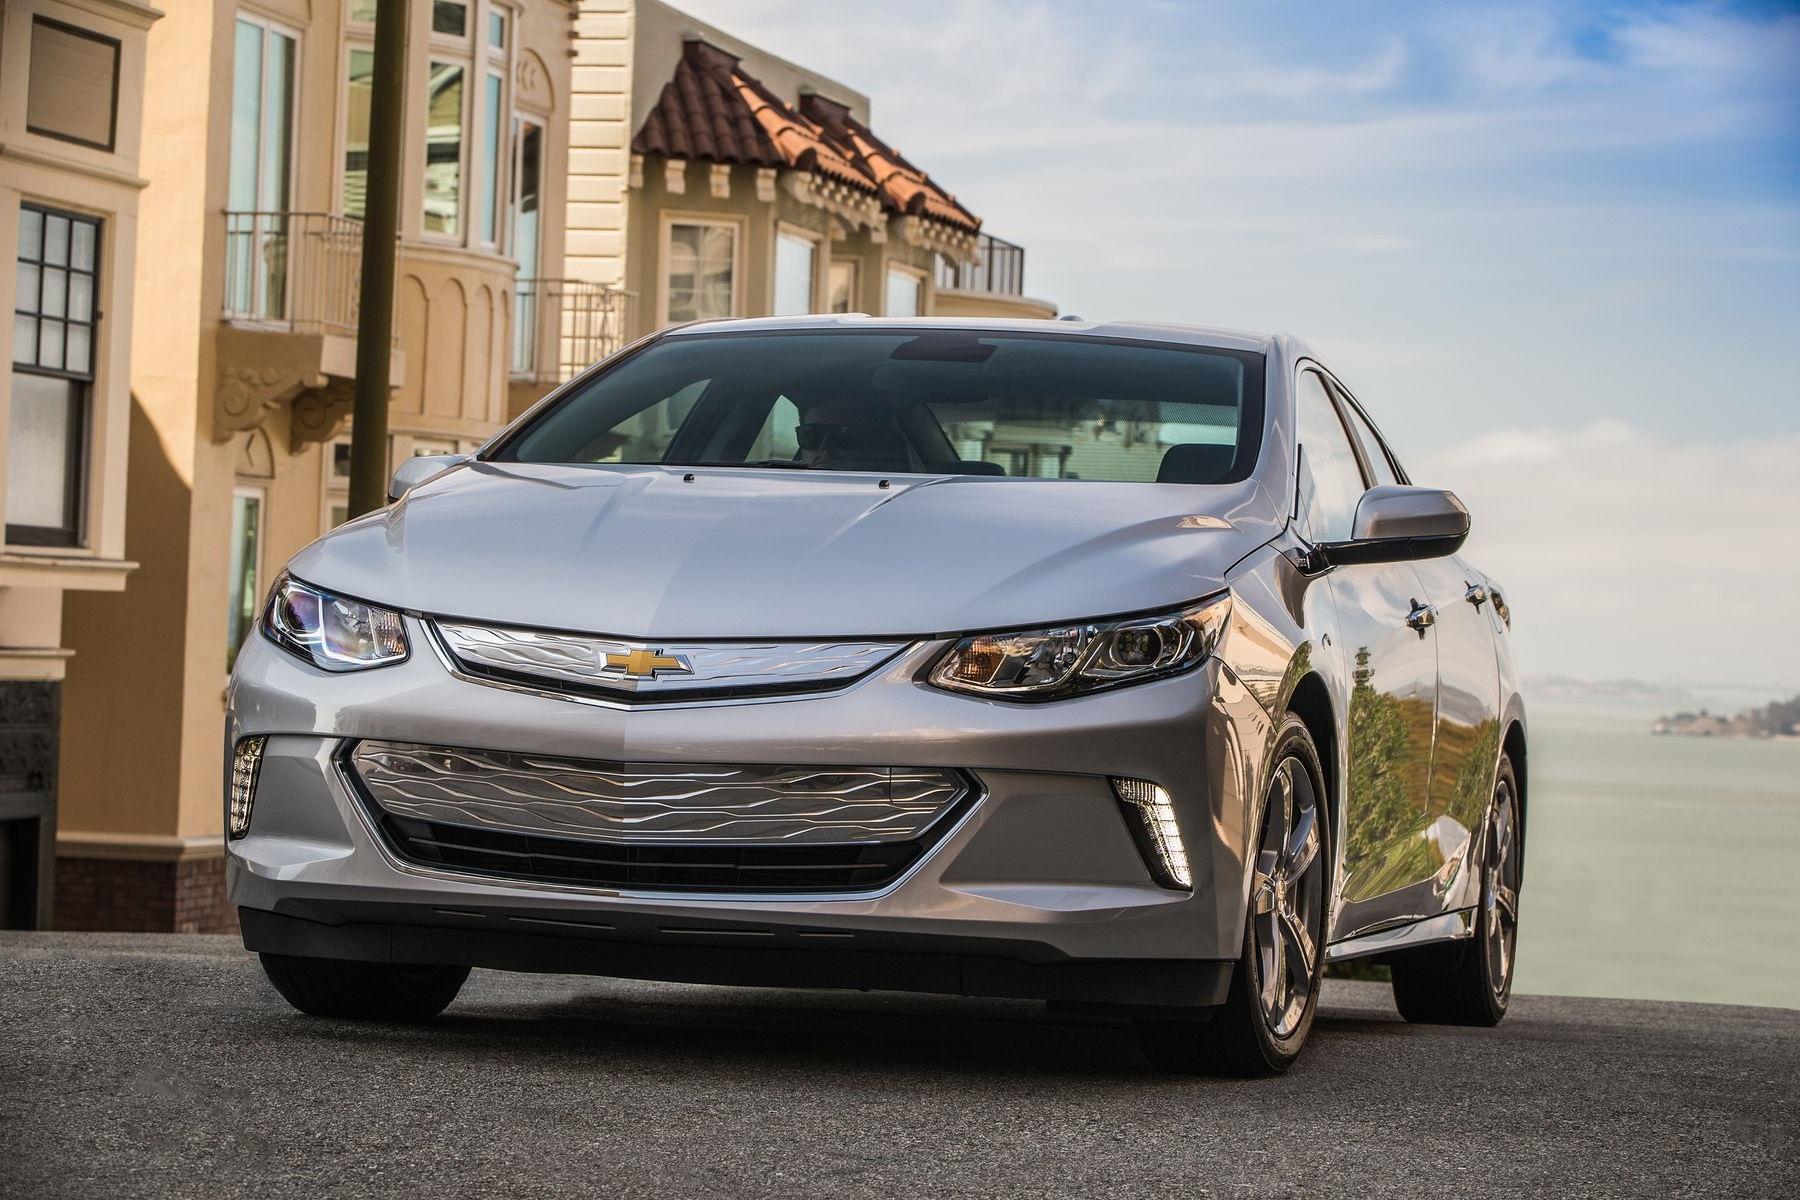 5 самых ненадежных электромобилей по версии потребителей 3